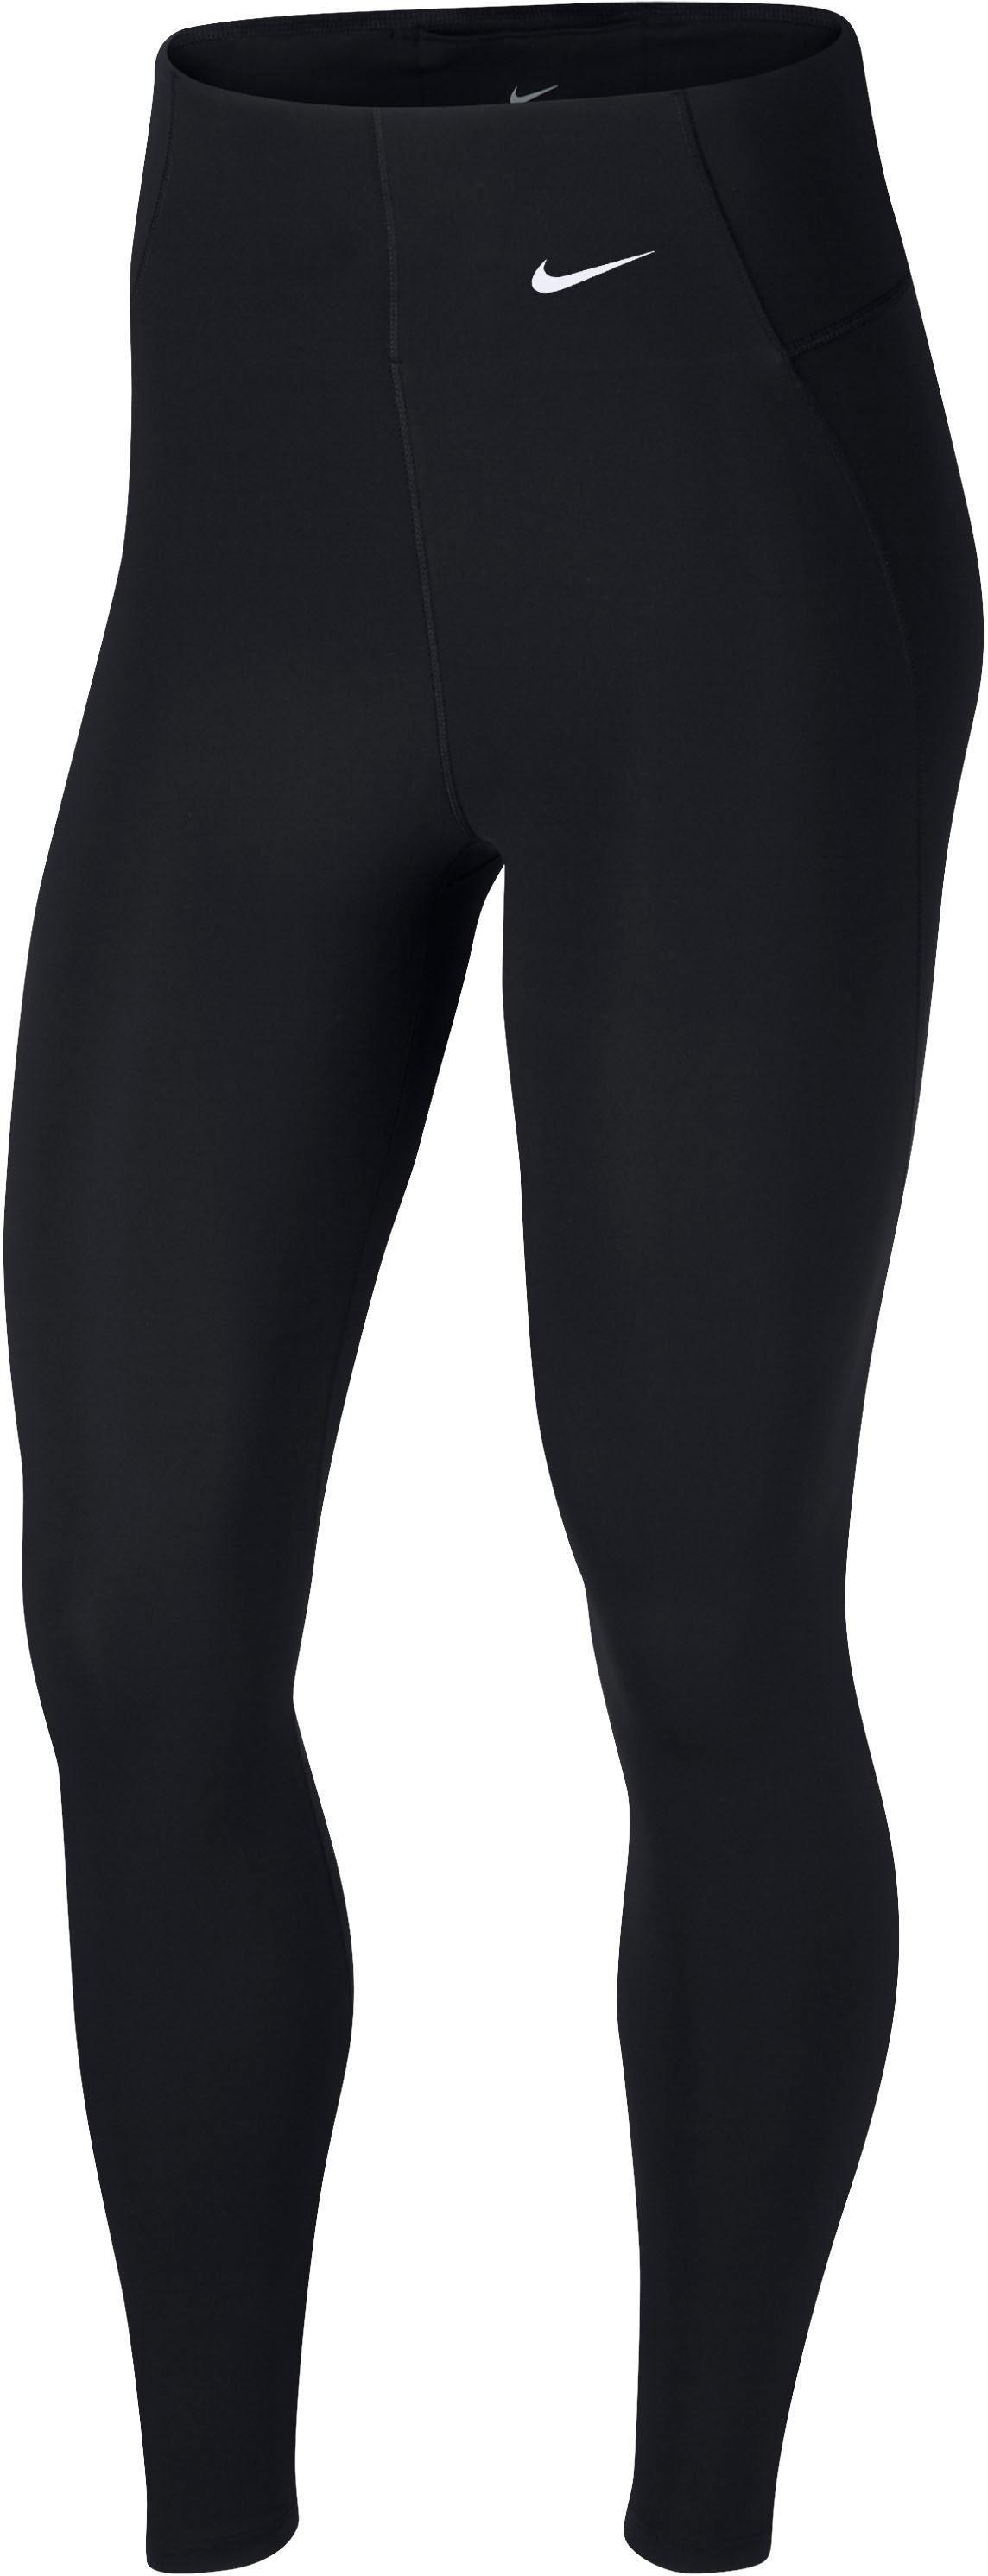 Nike functionele tights - verschillende betaalmethodes